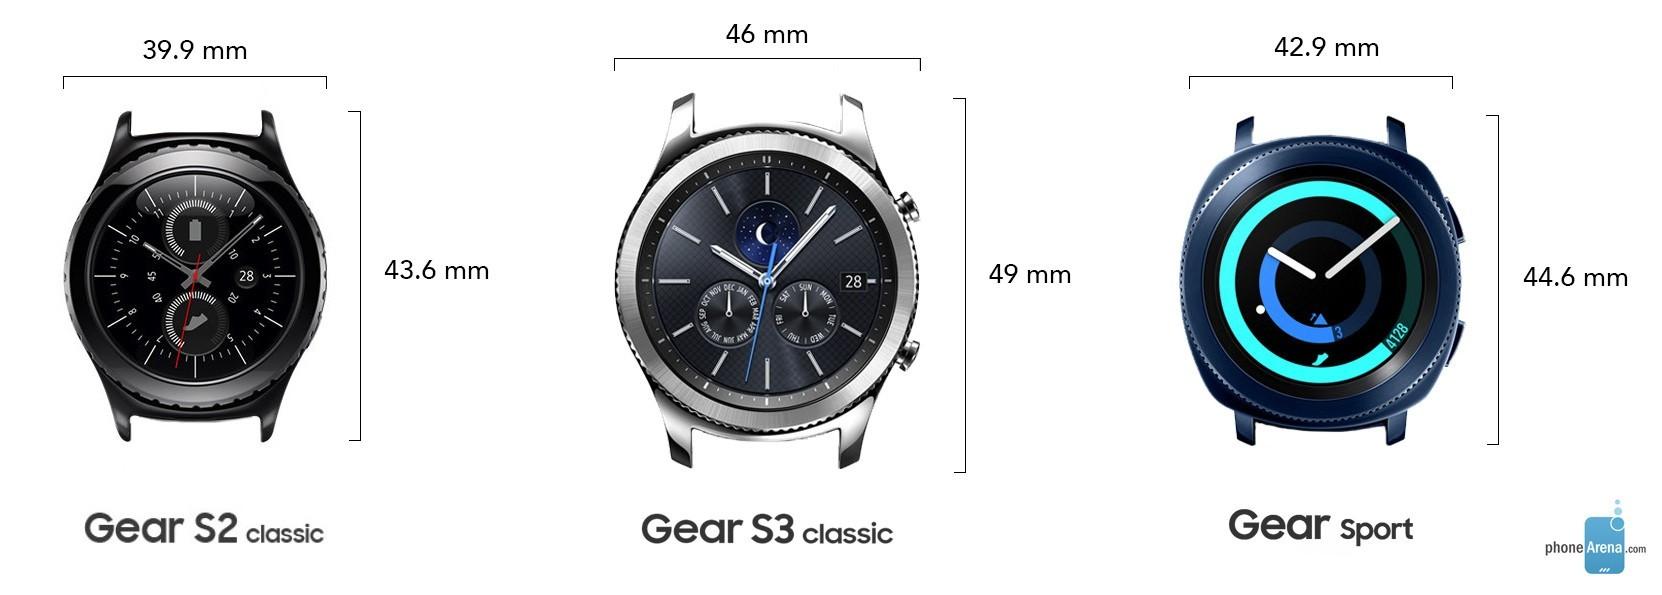 Samsung sẽ đổi thương hiệu Gear/Gear Fit sang Galaxy Watch và Galaxy Fit